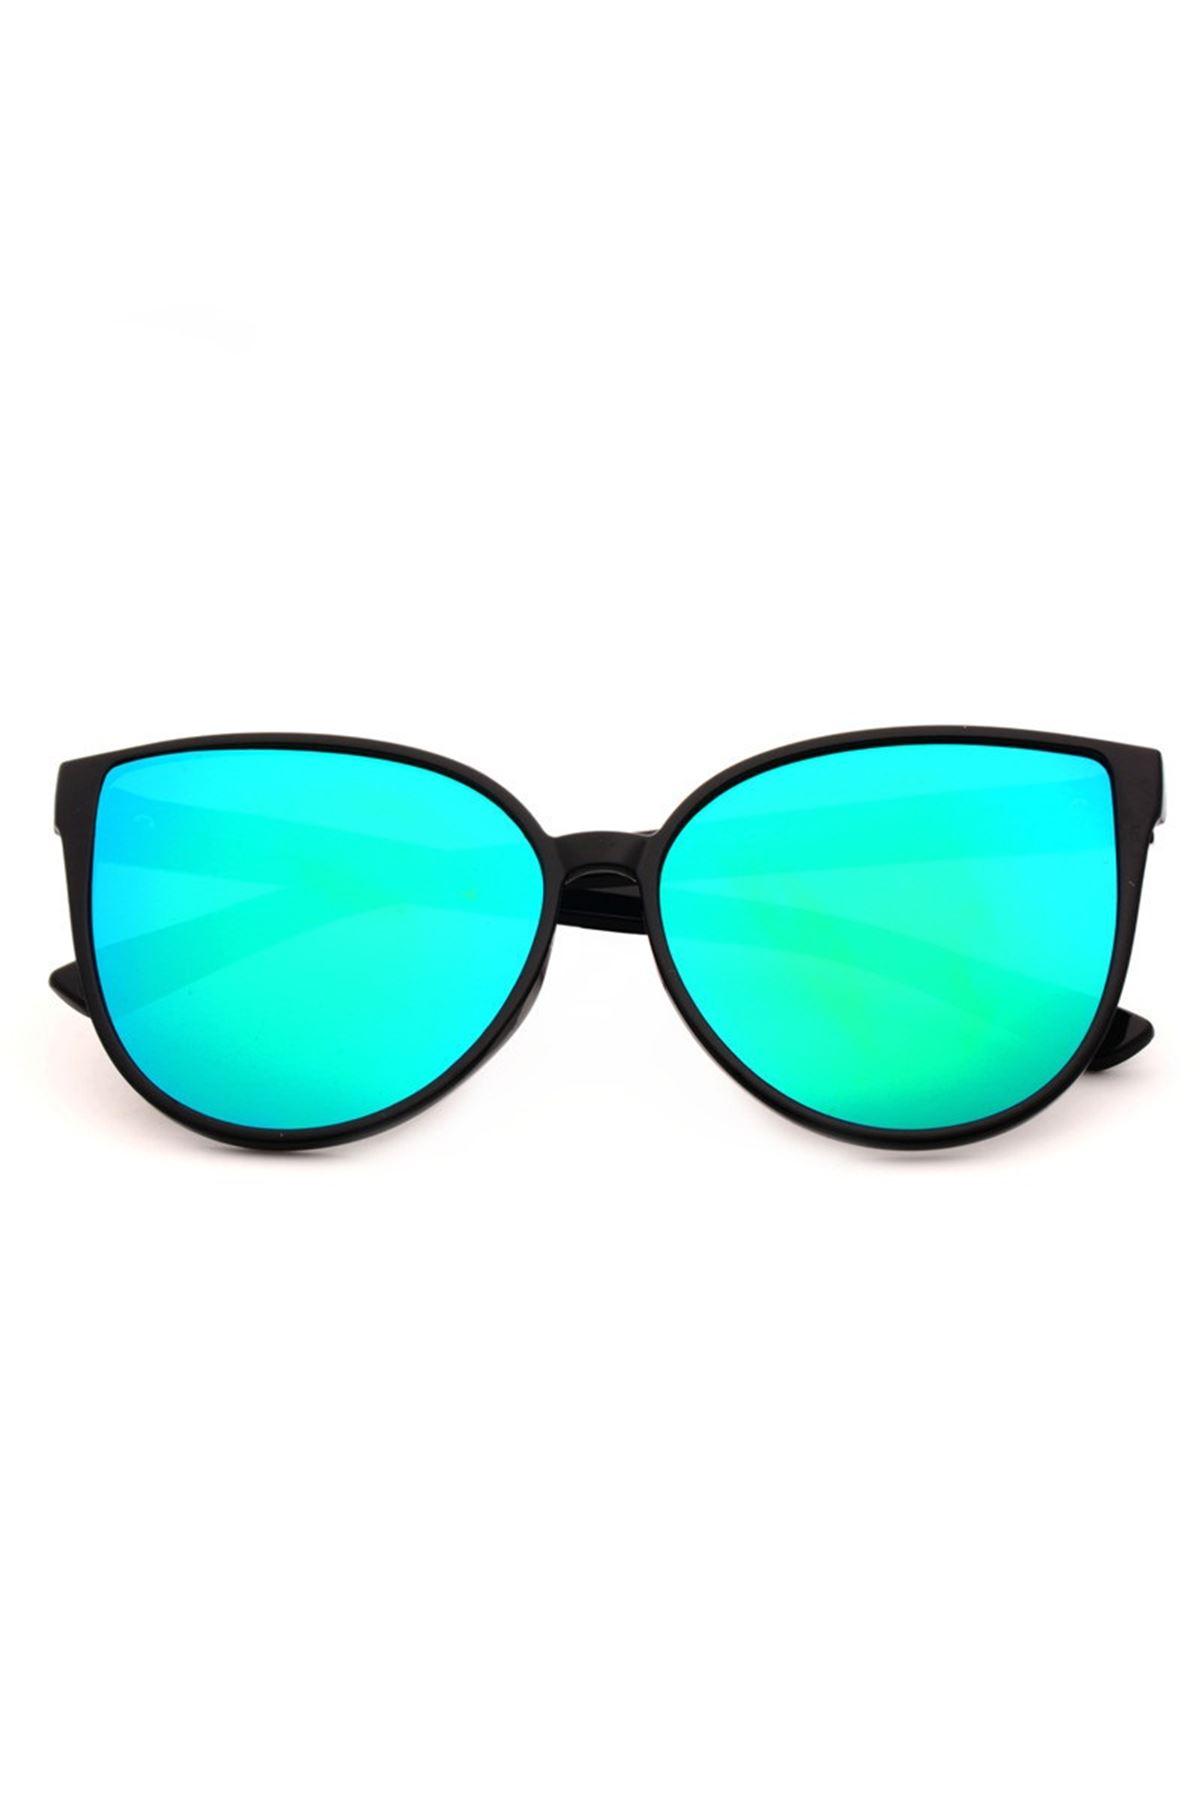 6012 Turkuaz Kadın Gözlük